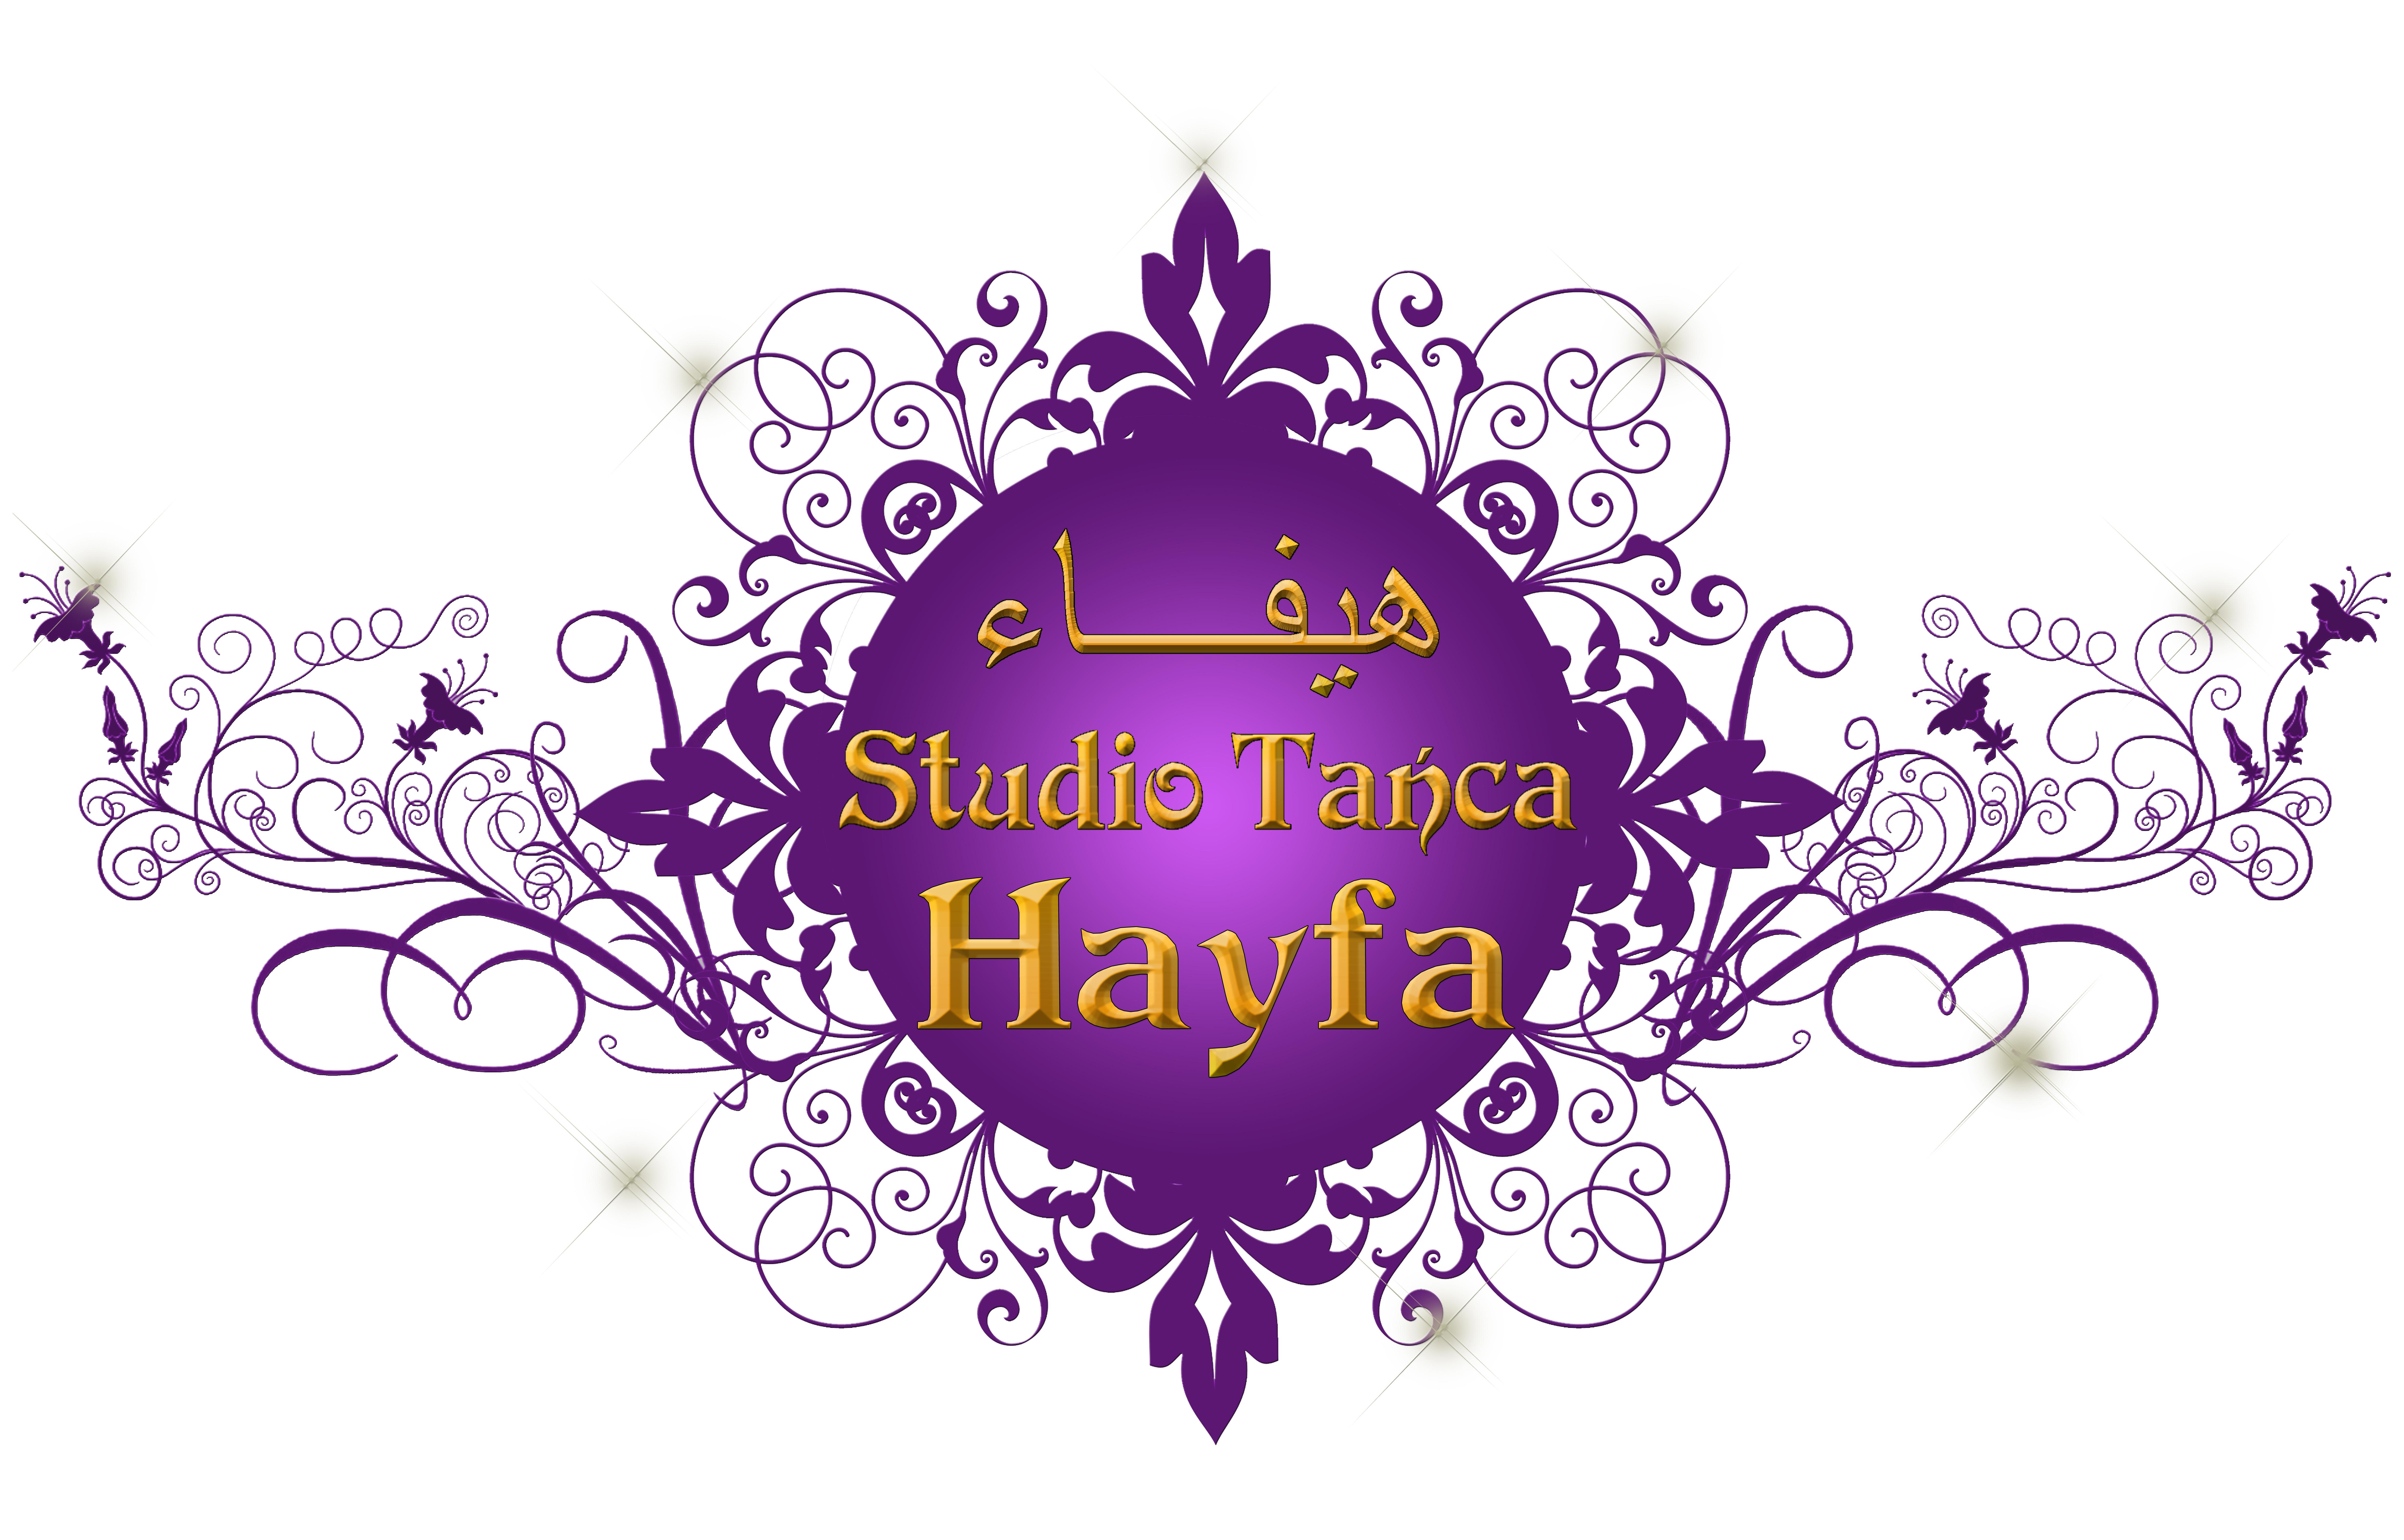 Studio Tańca HAYFA